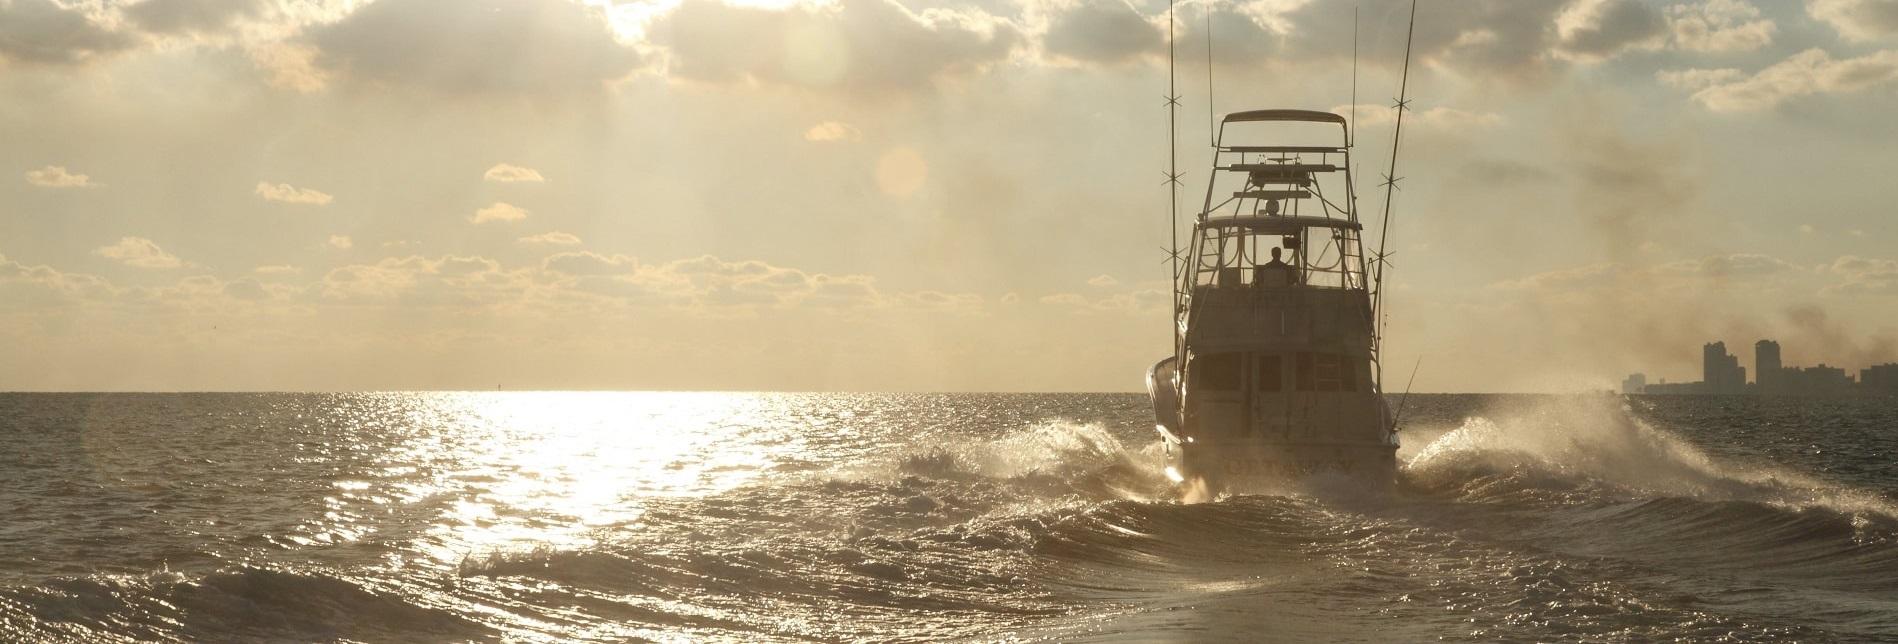 Gulf Coast Fishing_526-min-min 3.jpg